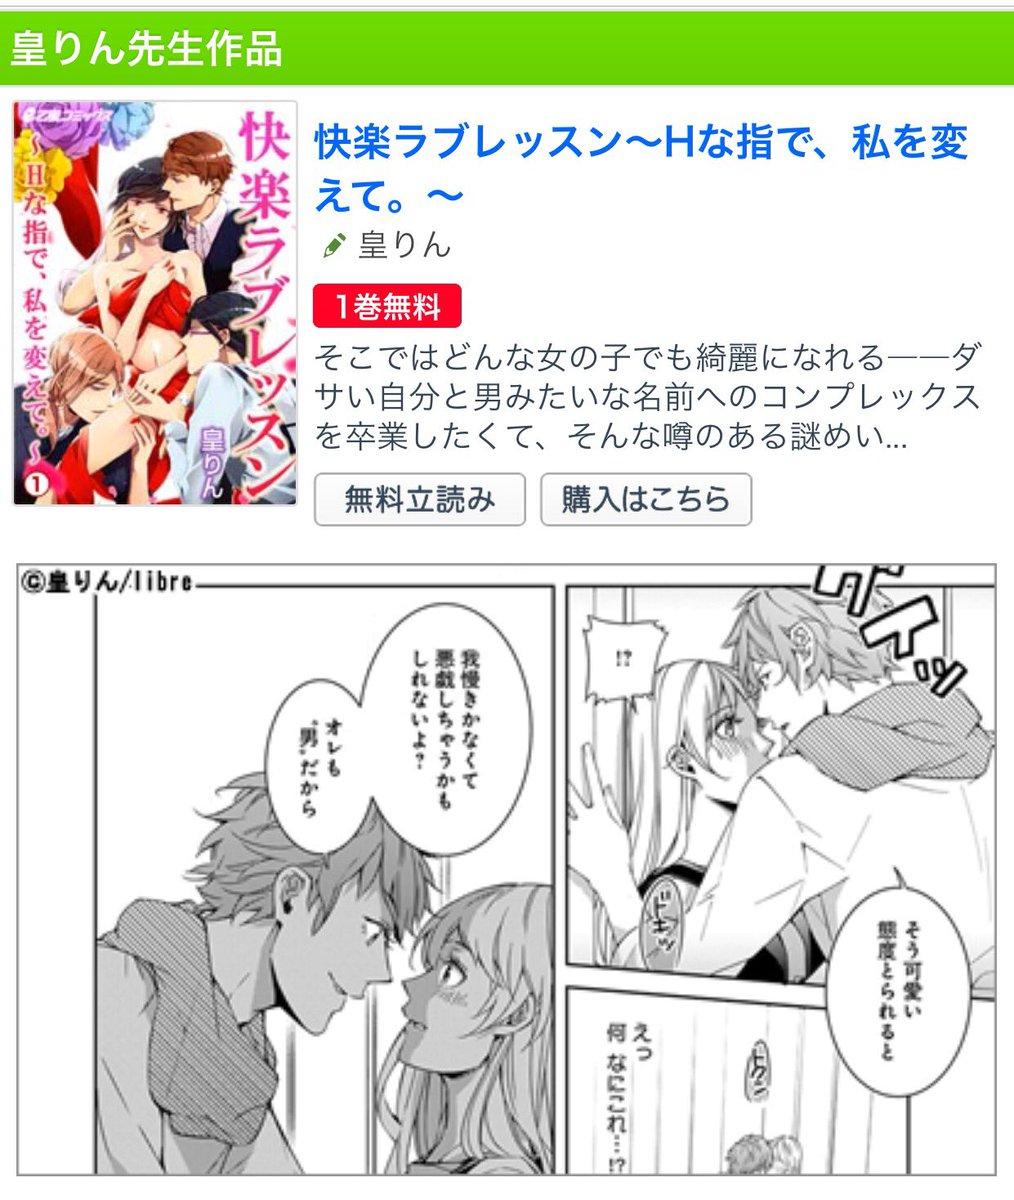 コミック シーモア 無料 tl